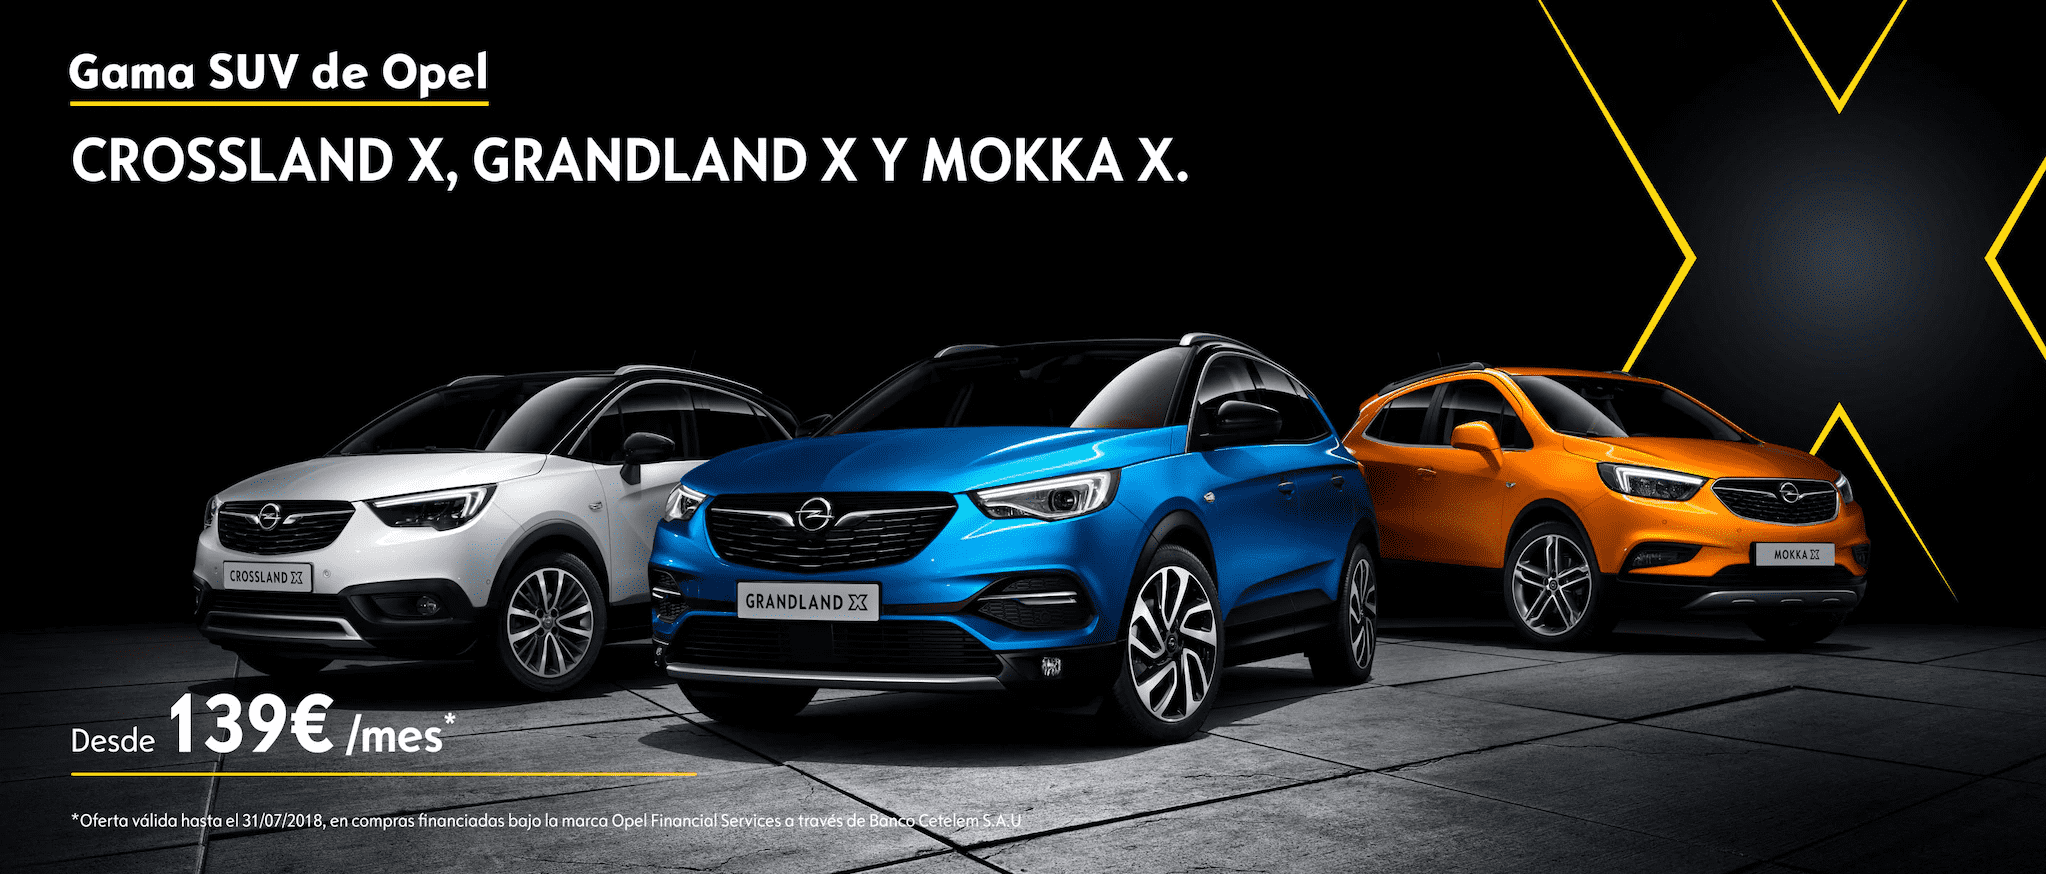 Gama SUV de Opel: CROSSLAND X, GRANDLAND X Y MOKKA X, desde 139€/mes*.